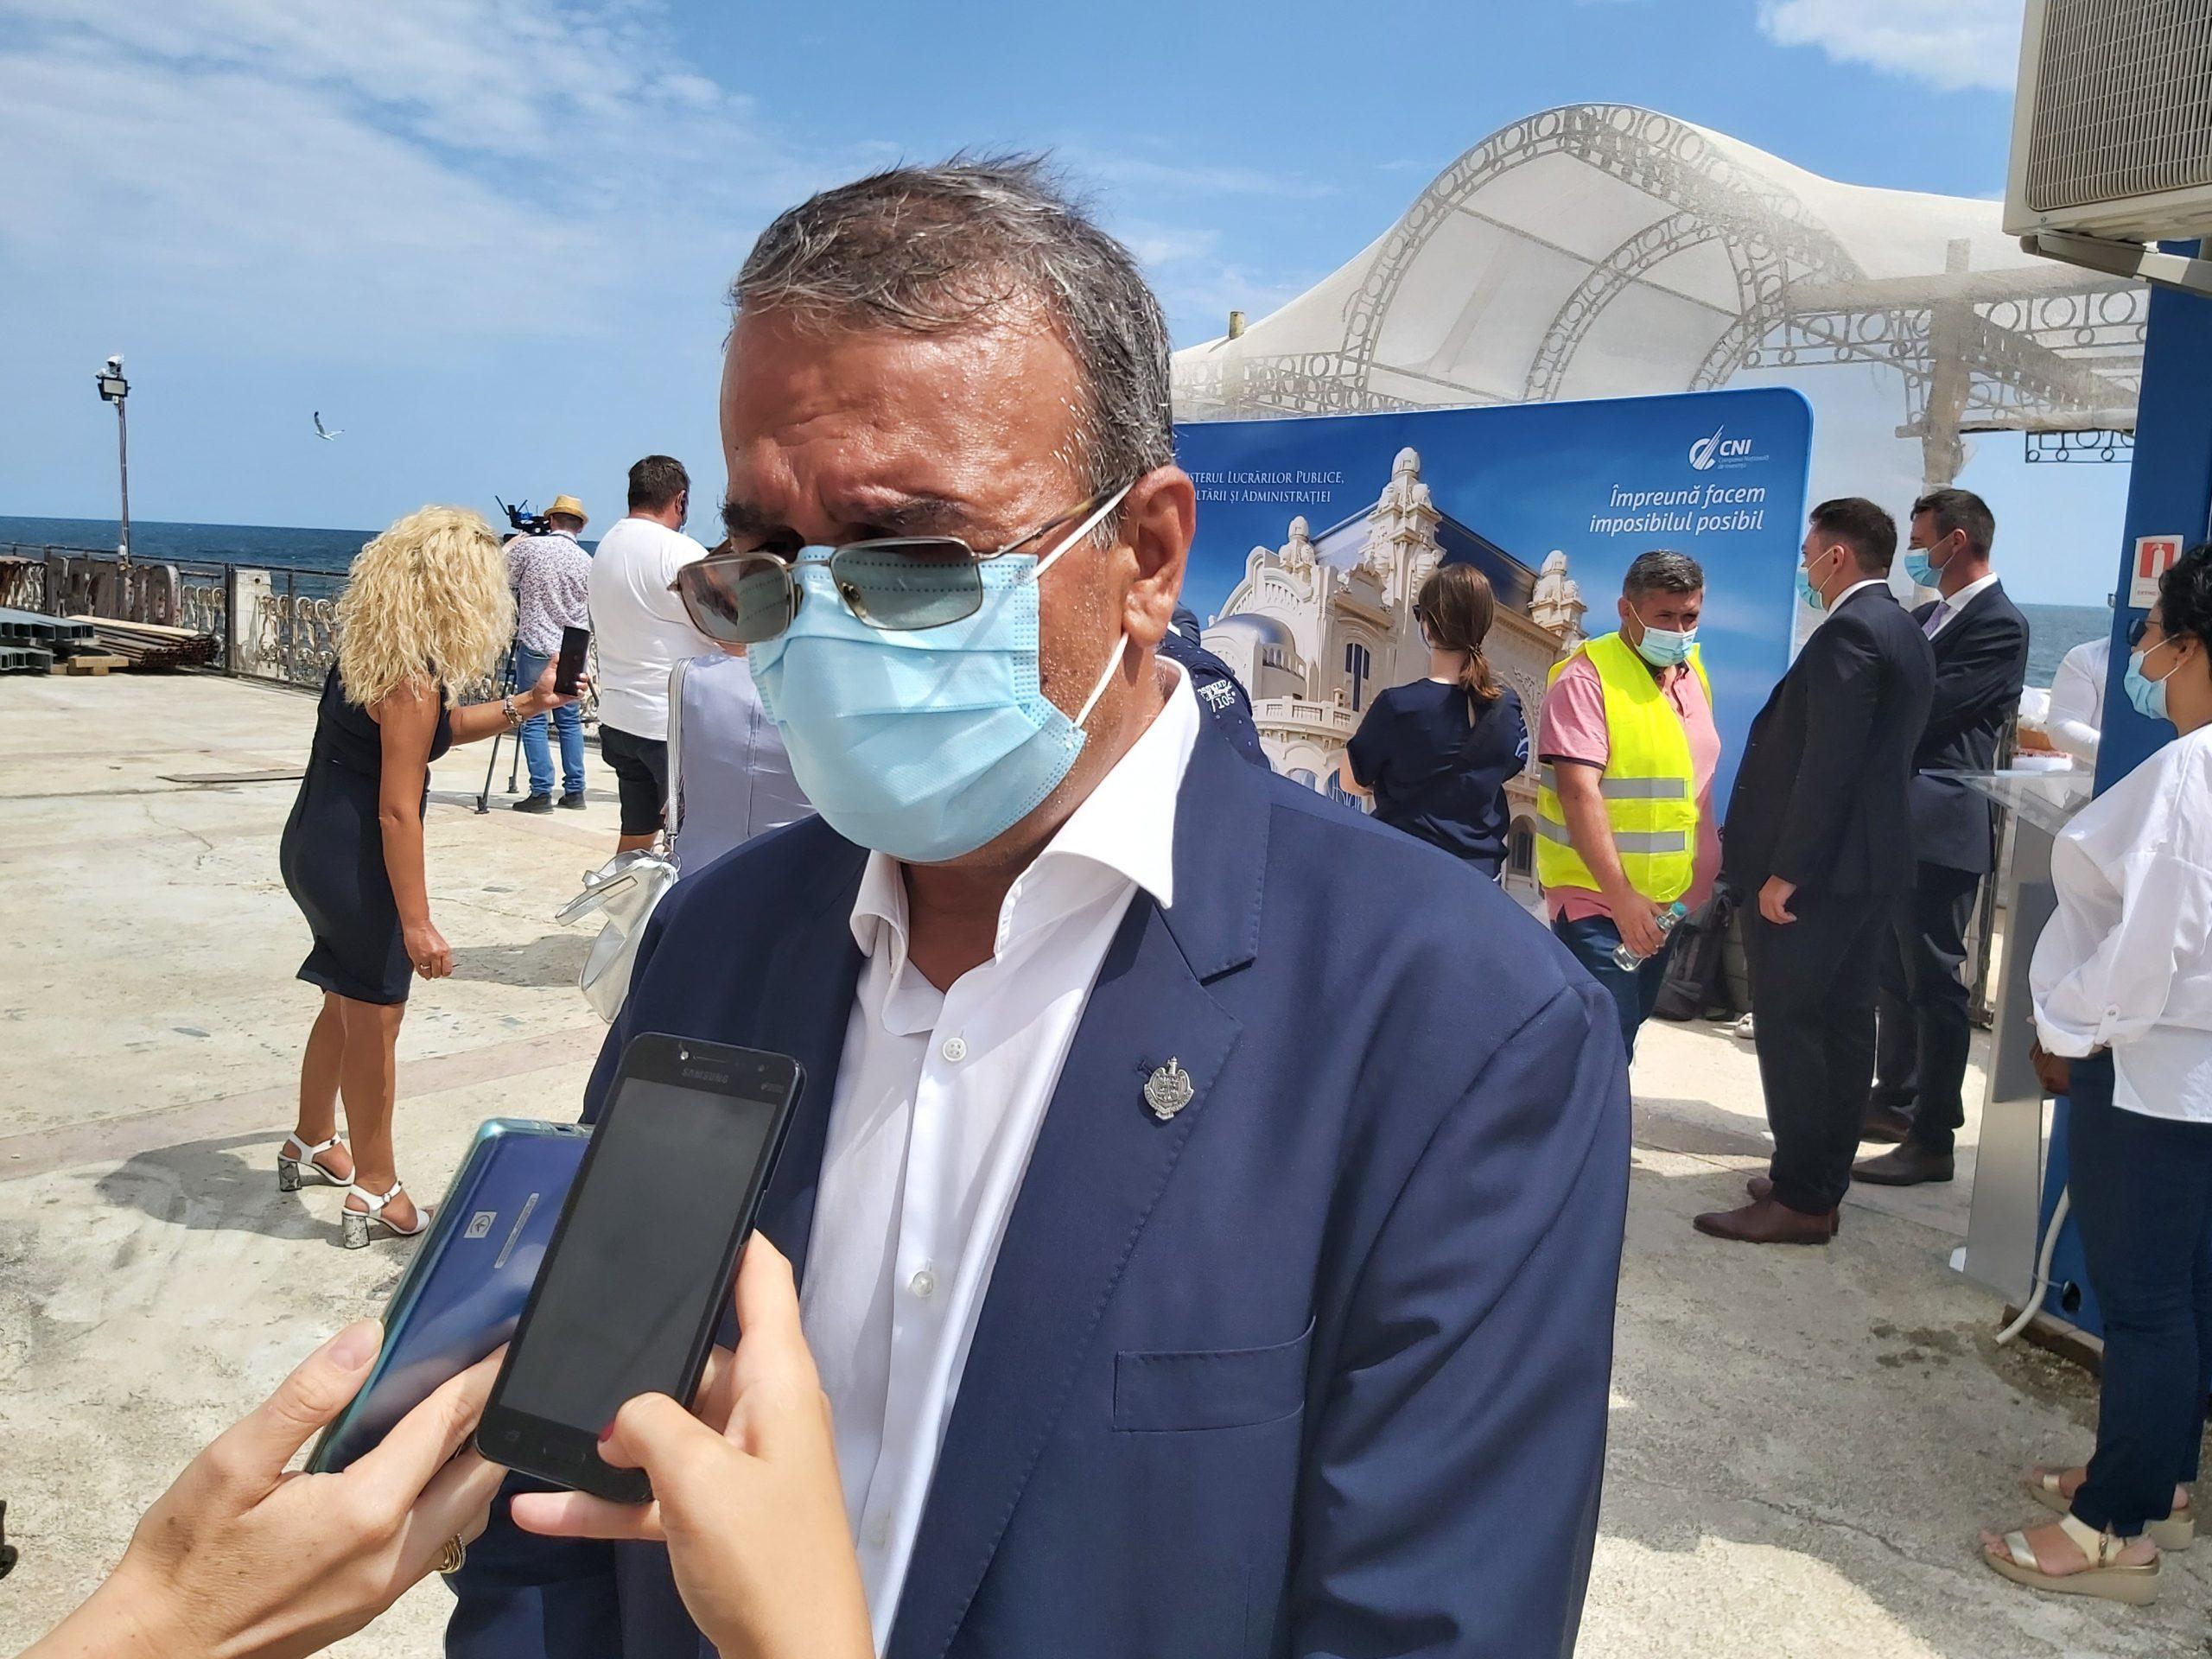 PREMIERĂ: Primarul Vergil Chițac, în ședință cu liberalii constănțeni